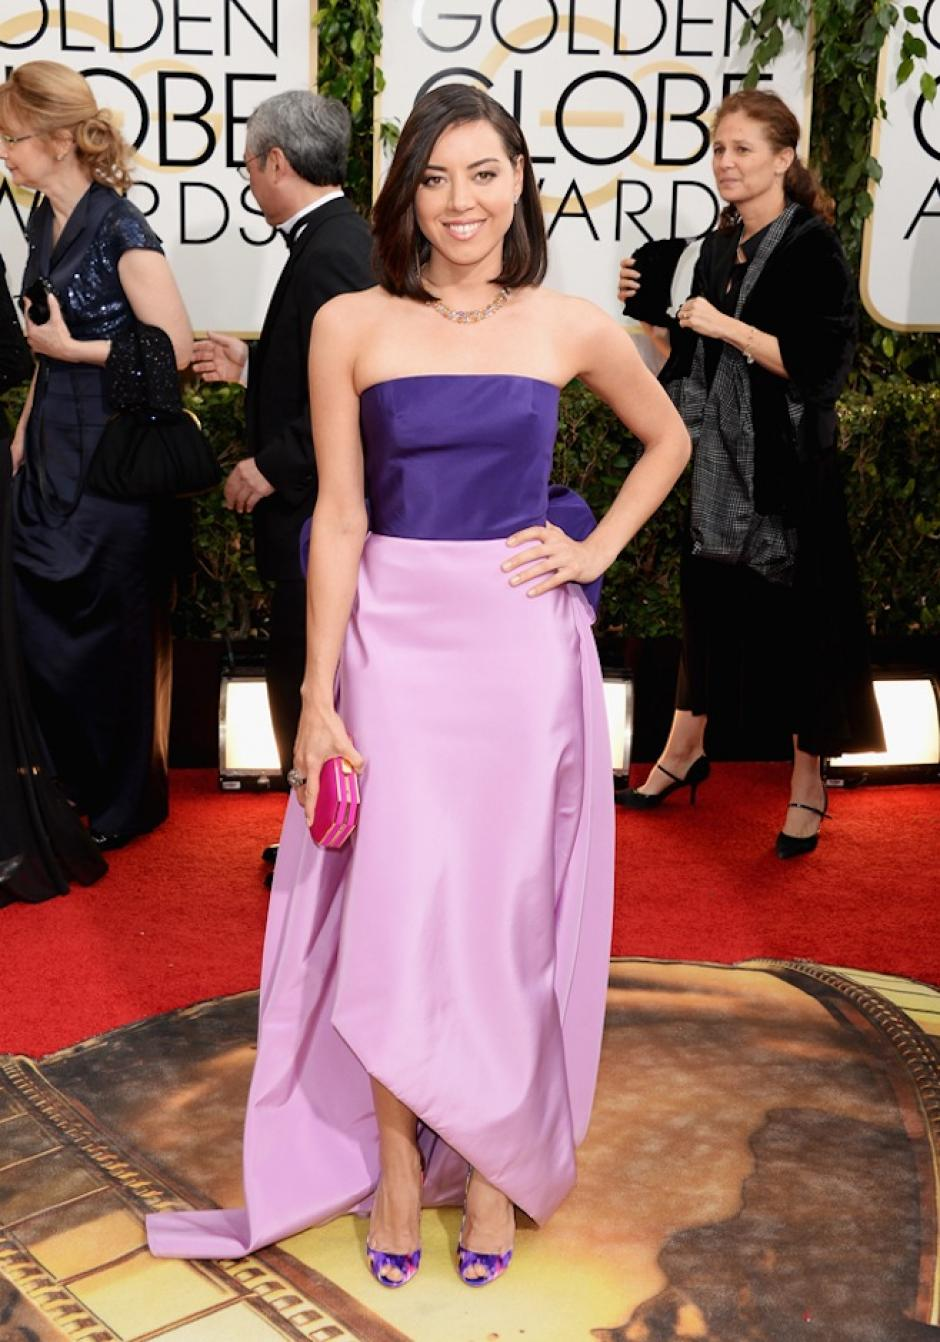 La crítica especializada comentó que el corte del vestido que usó Aubrey Plaza, parecía hecho por un niño. (Foto: The Gloss)